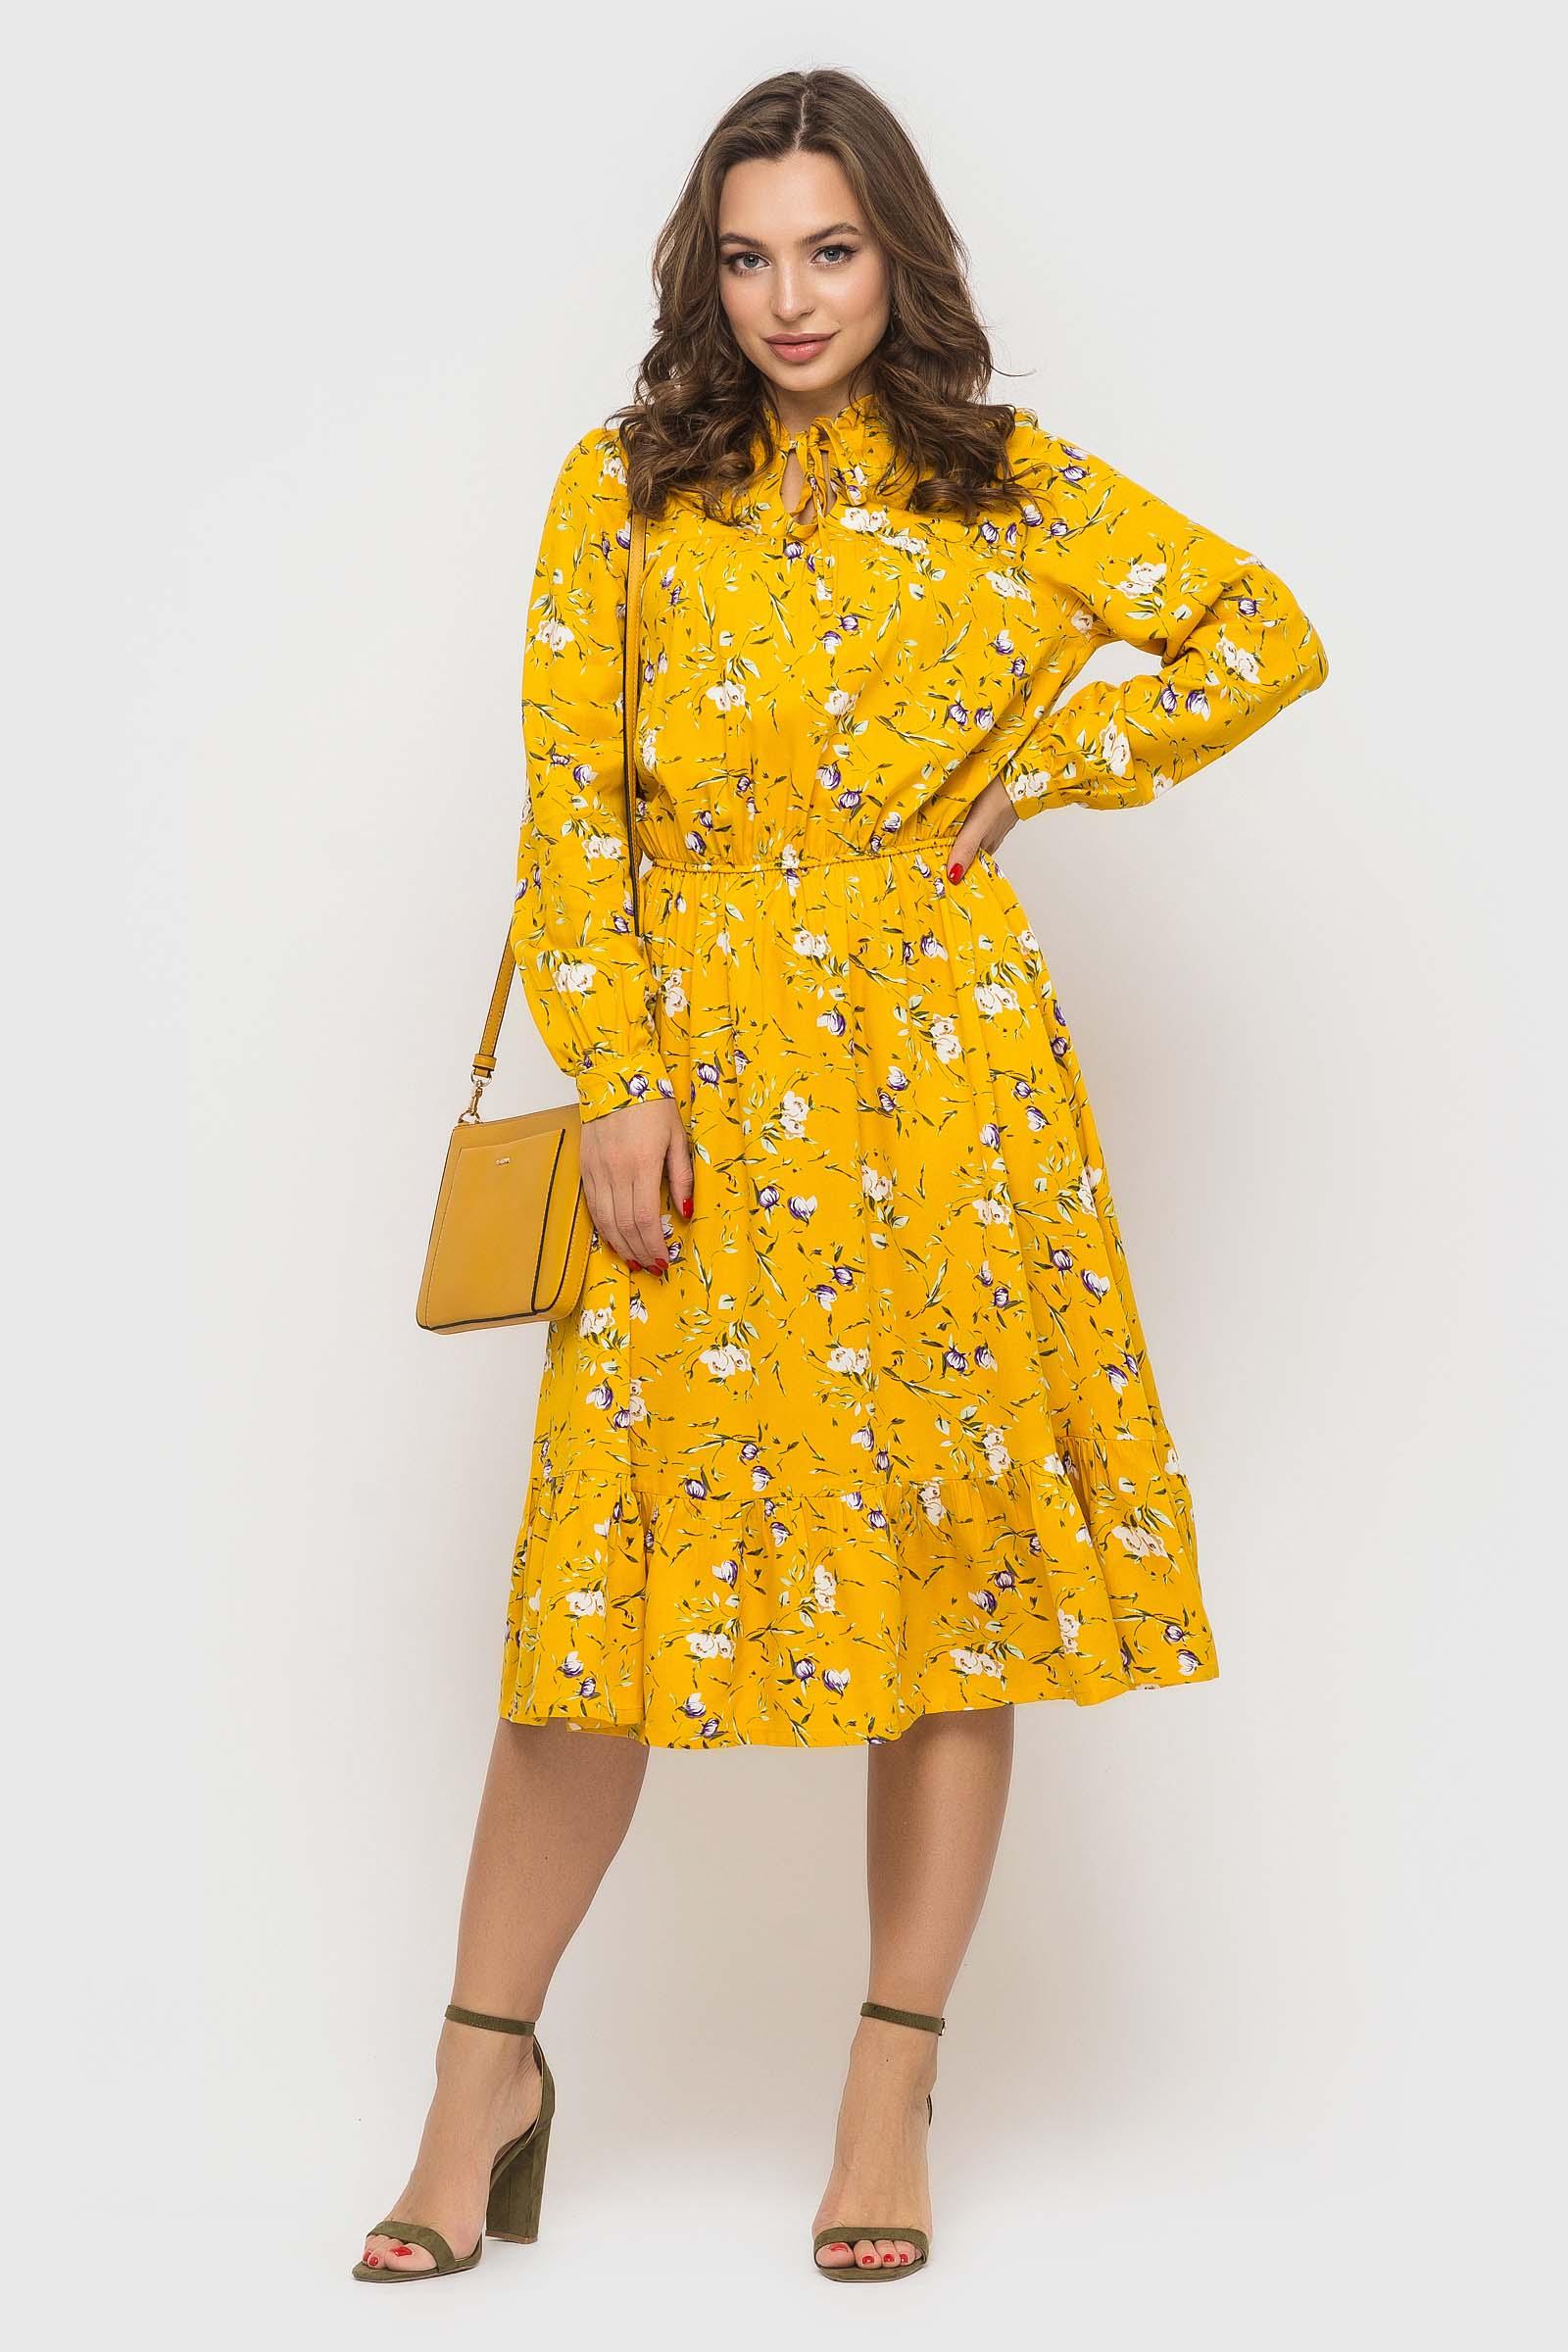 be art 2020 04 07182274 Купить платье